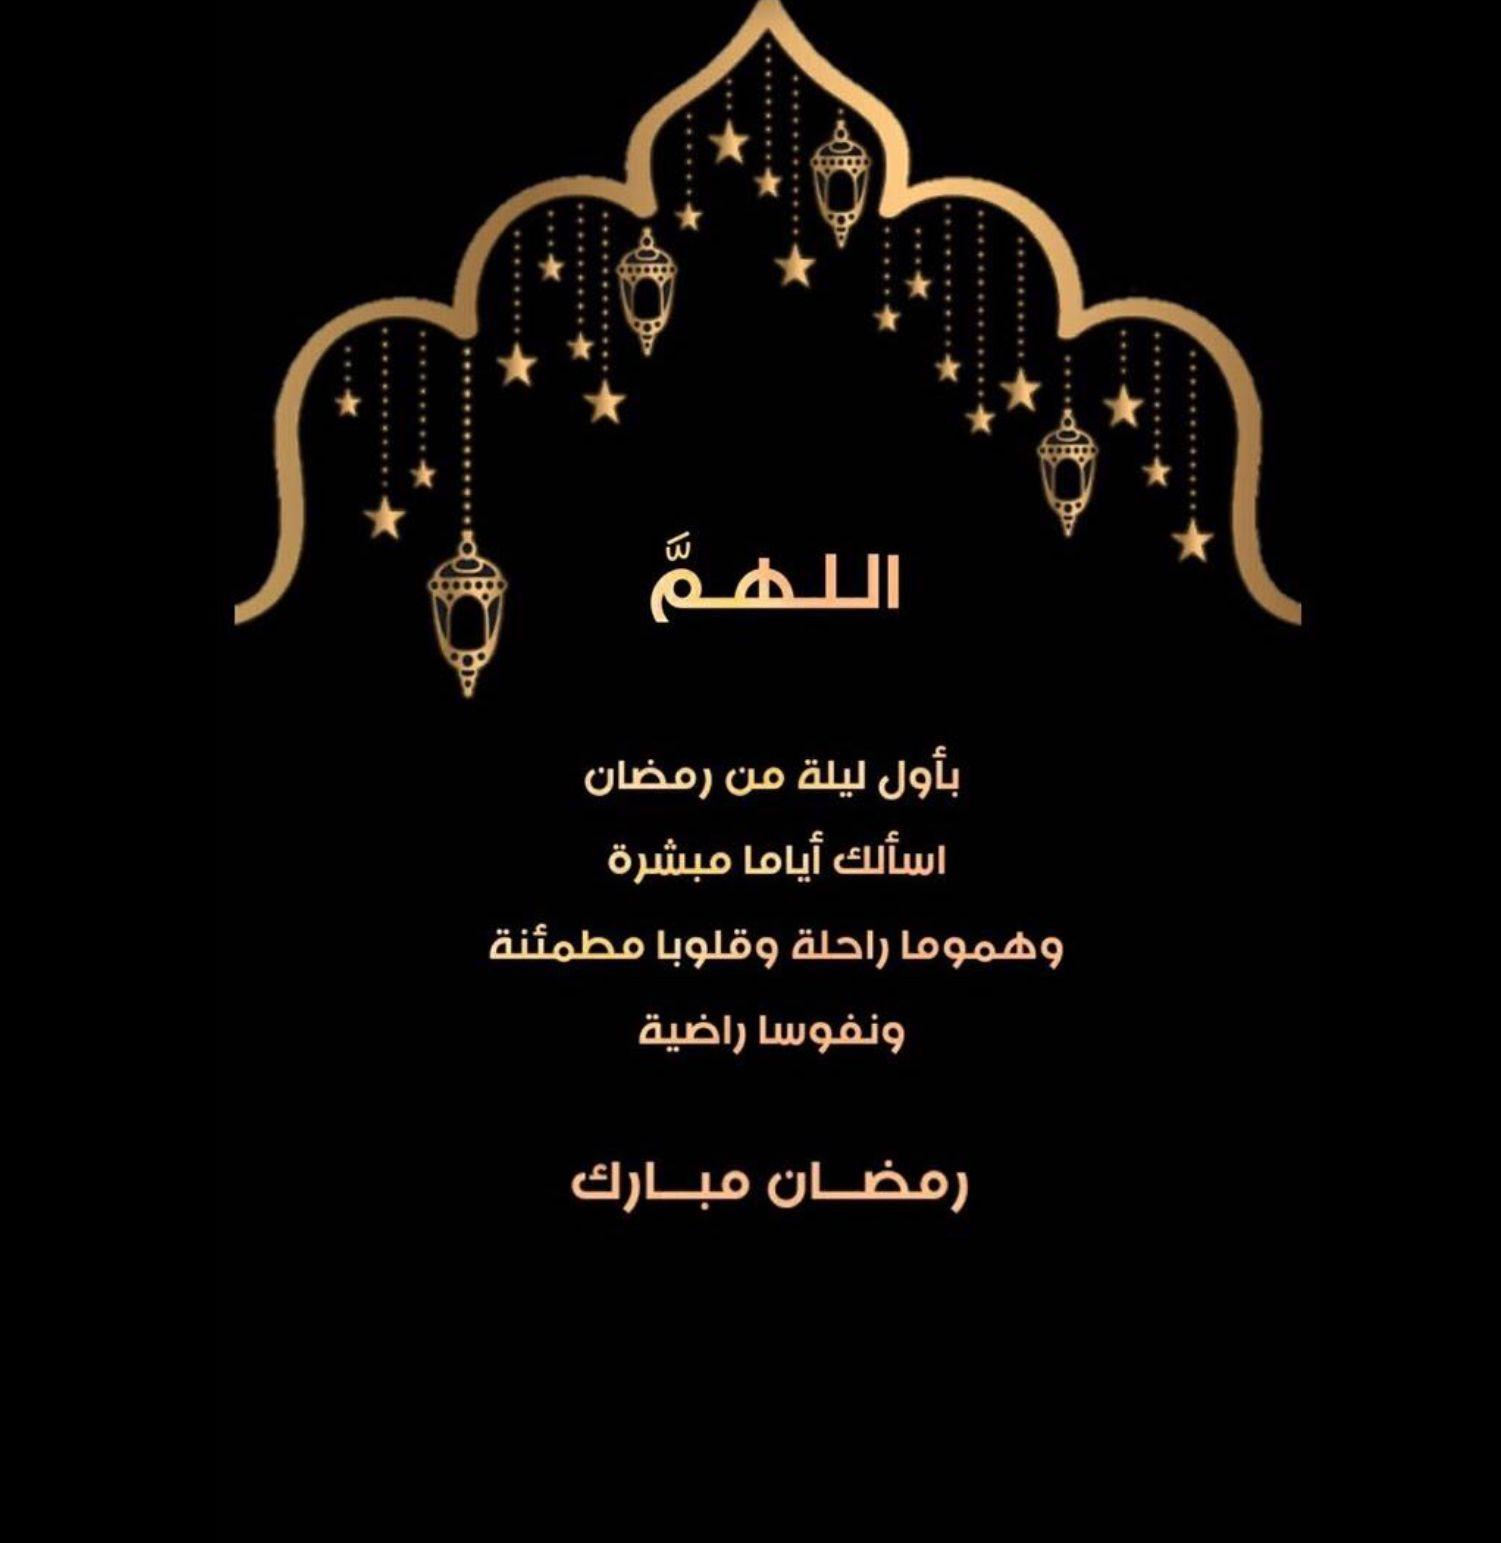 ٦ مايو ٢٠١٩ الاثنين اول يوم رمضان كل عام وانتم بخير Ramadan Proverbs Quotes Ramadan Kareem